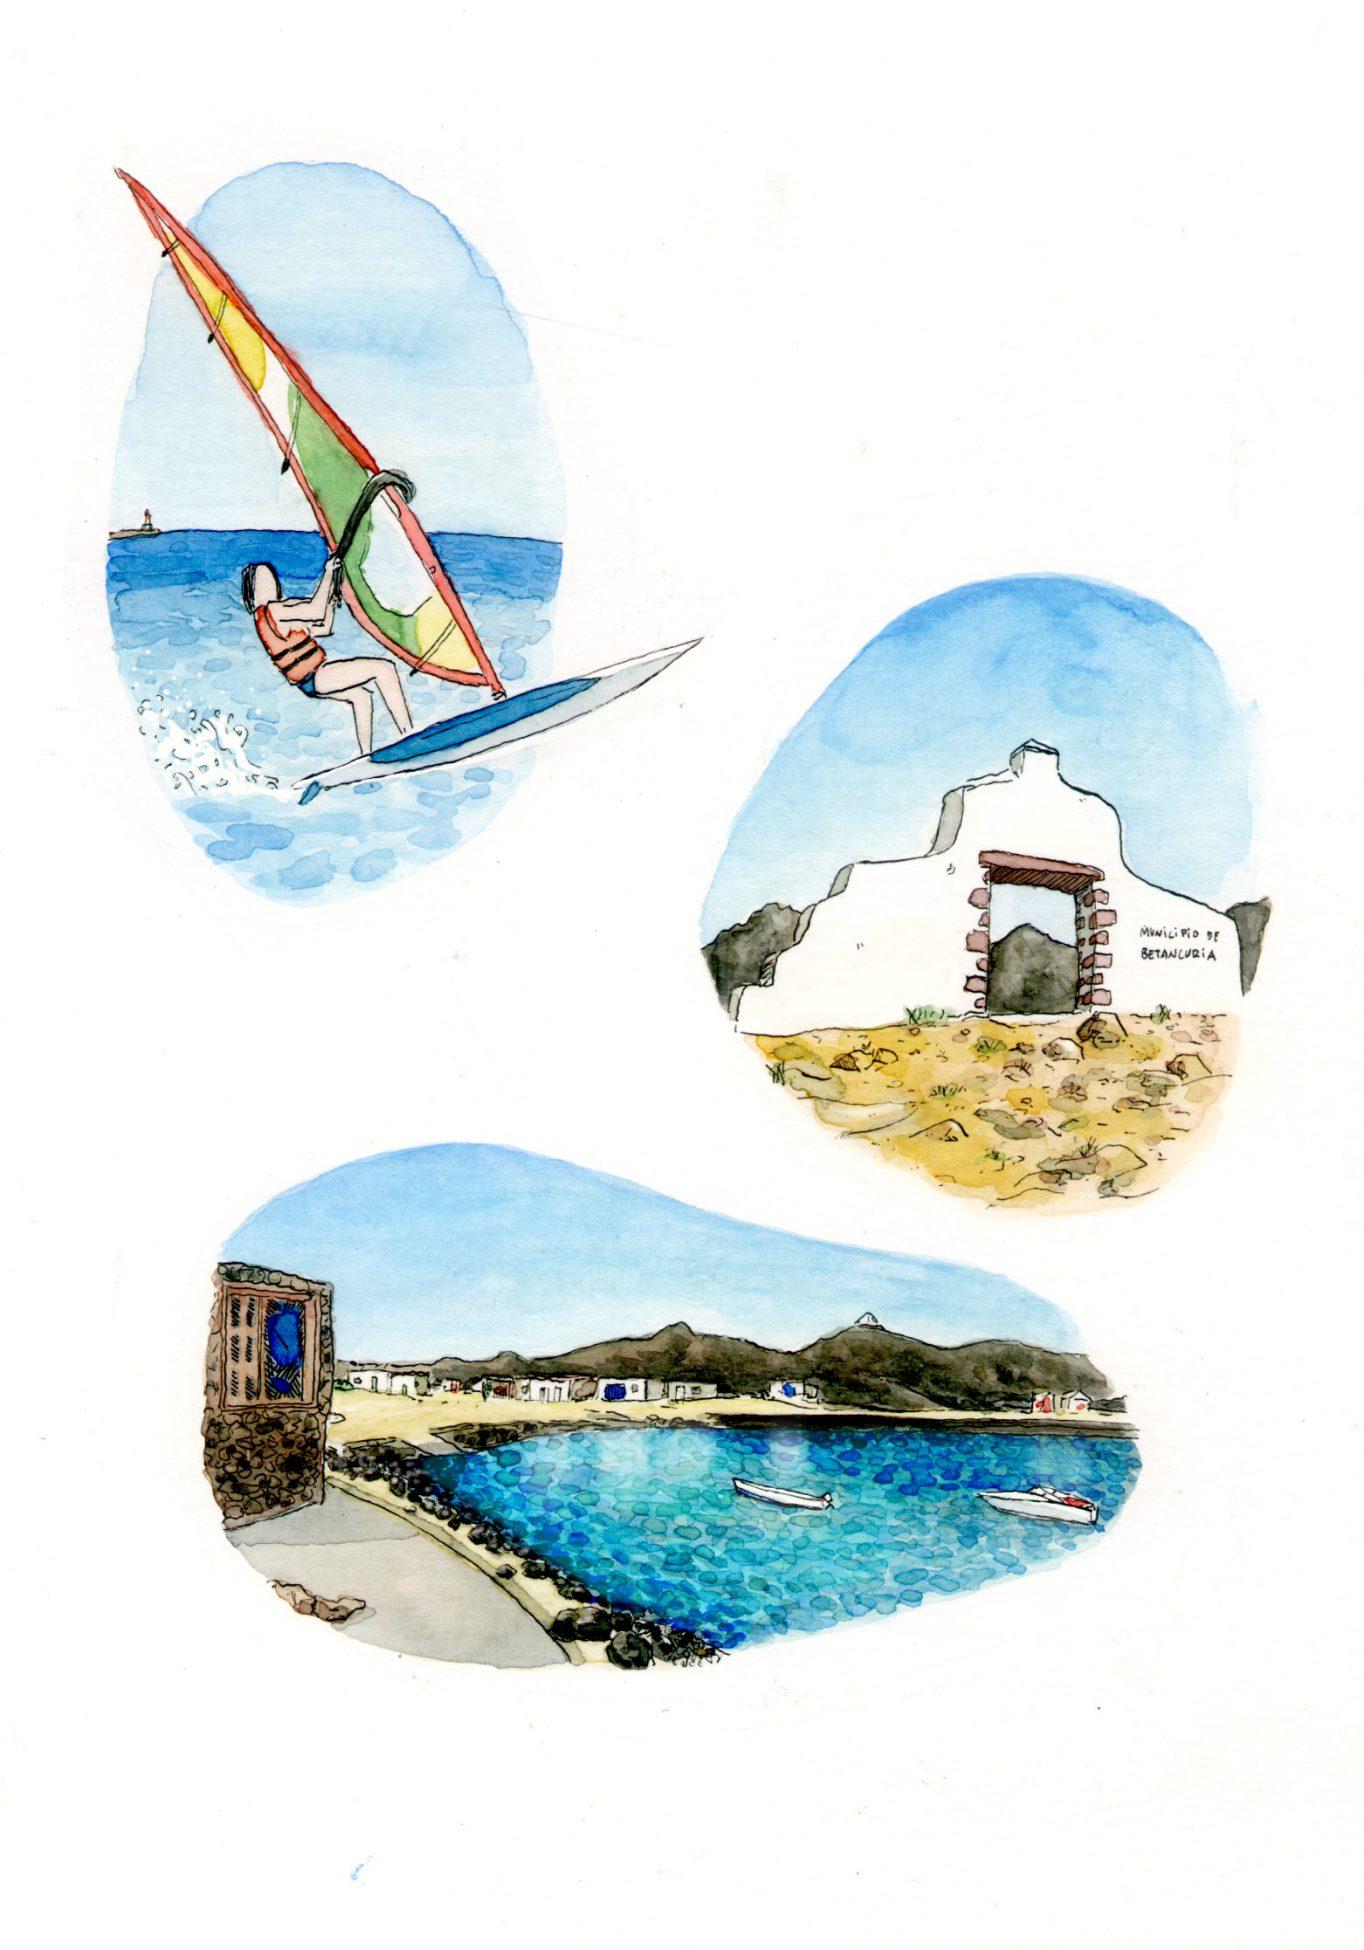 Ilustraciones de la isla de Fuerteventura en las Islas Canarias, surf, arquitectura y playas